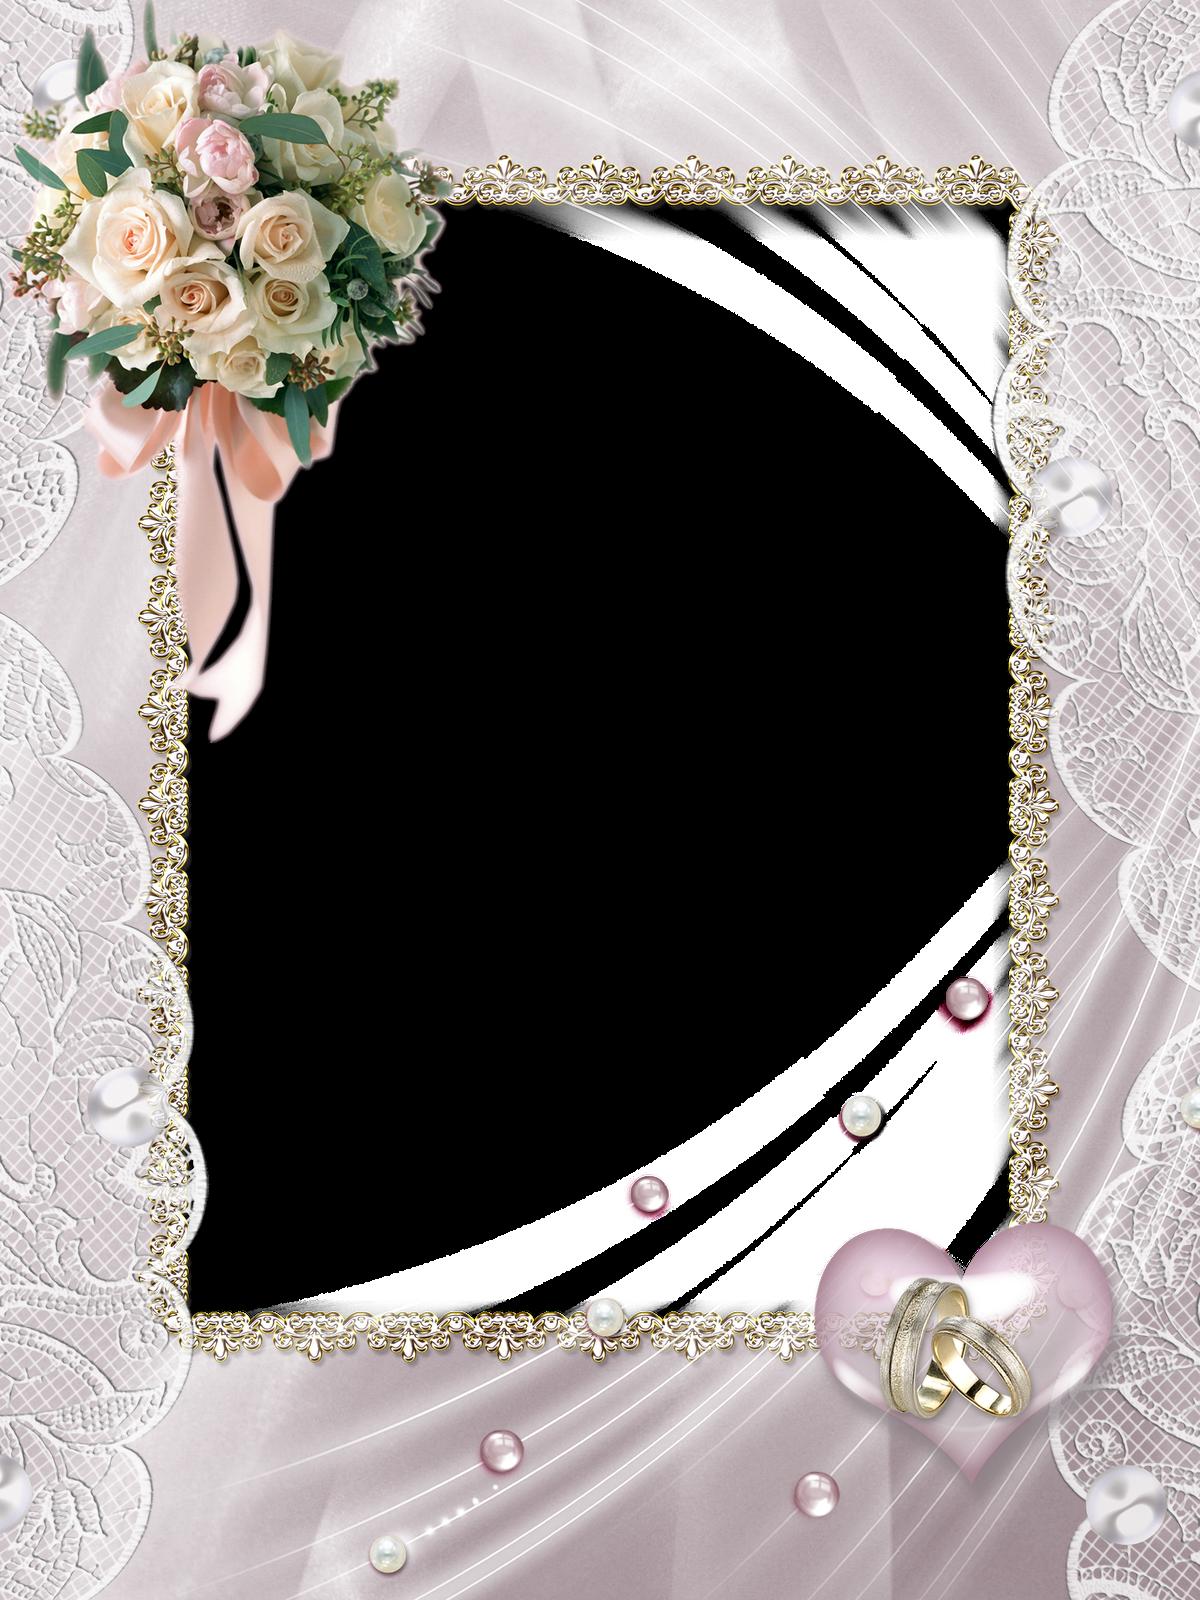 Fondos para boda en psd imagui - Marcos de plata para bodas ...